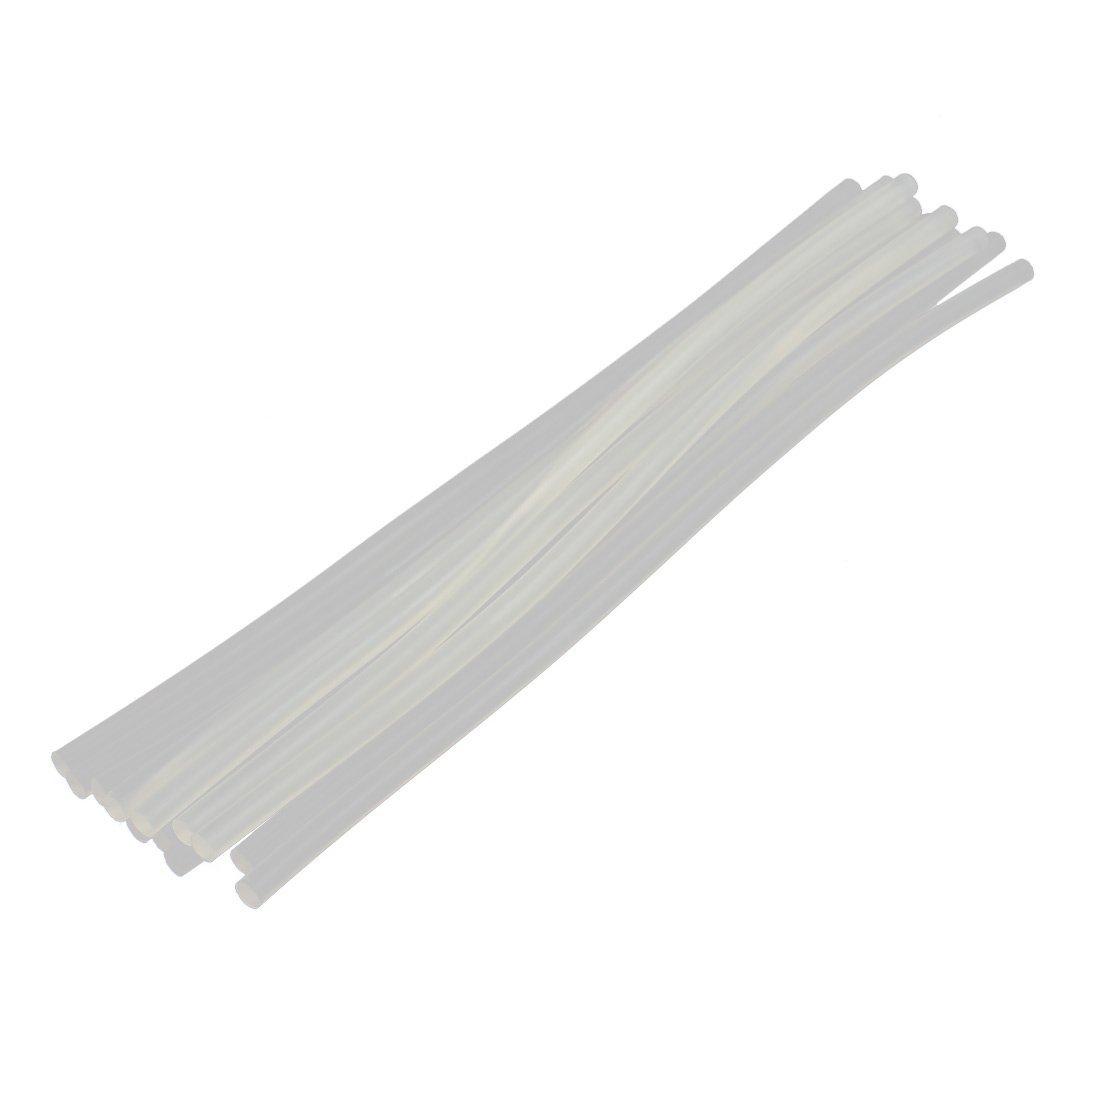 eDealMax 12 PC blanca translucidez 7 mm Diámetro de soldadura de hierro fundido en caliente barra de pegamento 298 mm Longitud - - Amazon.com